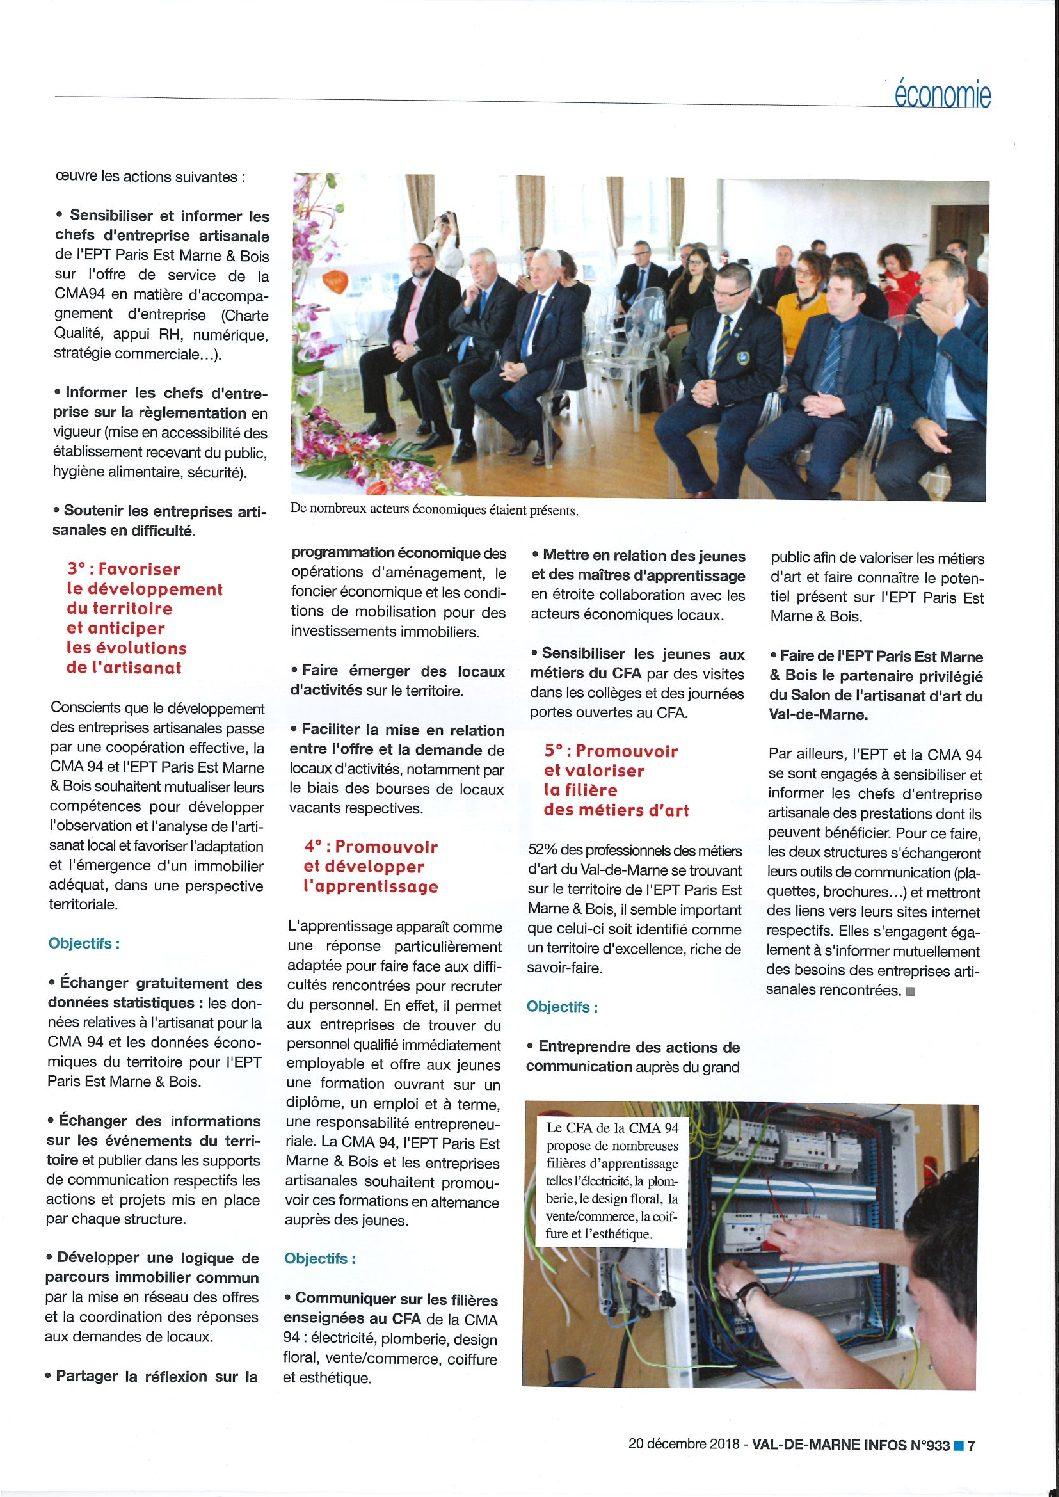 Paris Est Marne&Bois et la Chambre de Métiers et de l'Artisanat ...